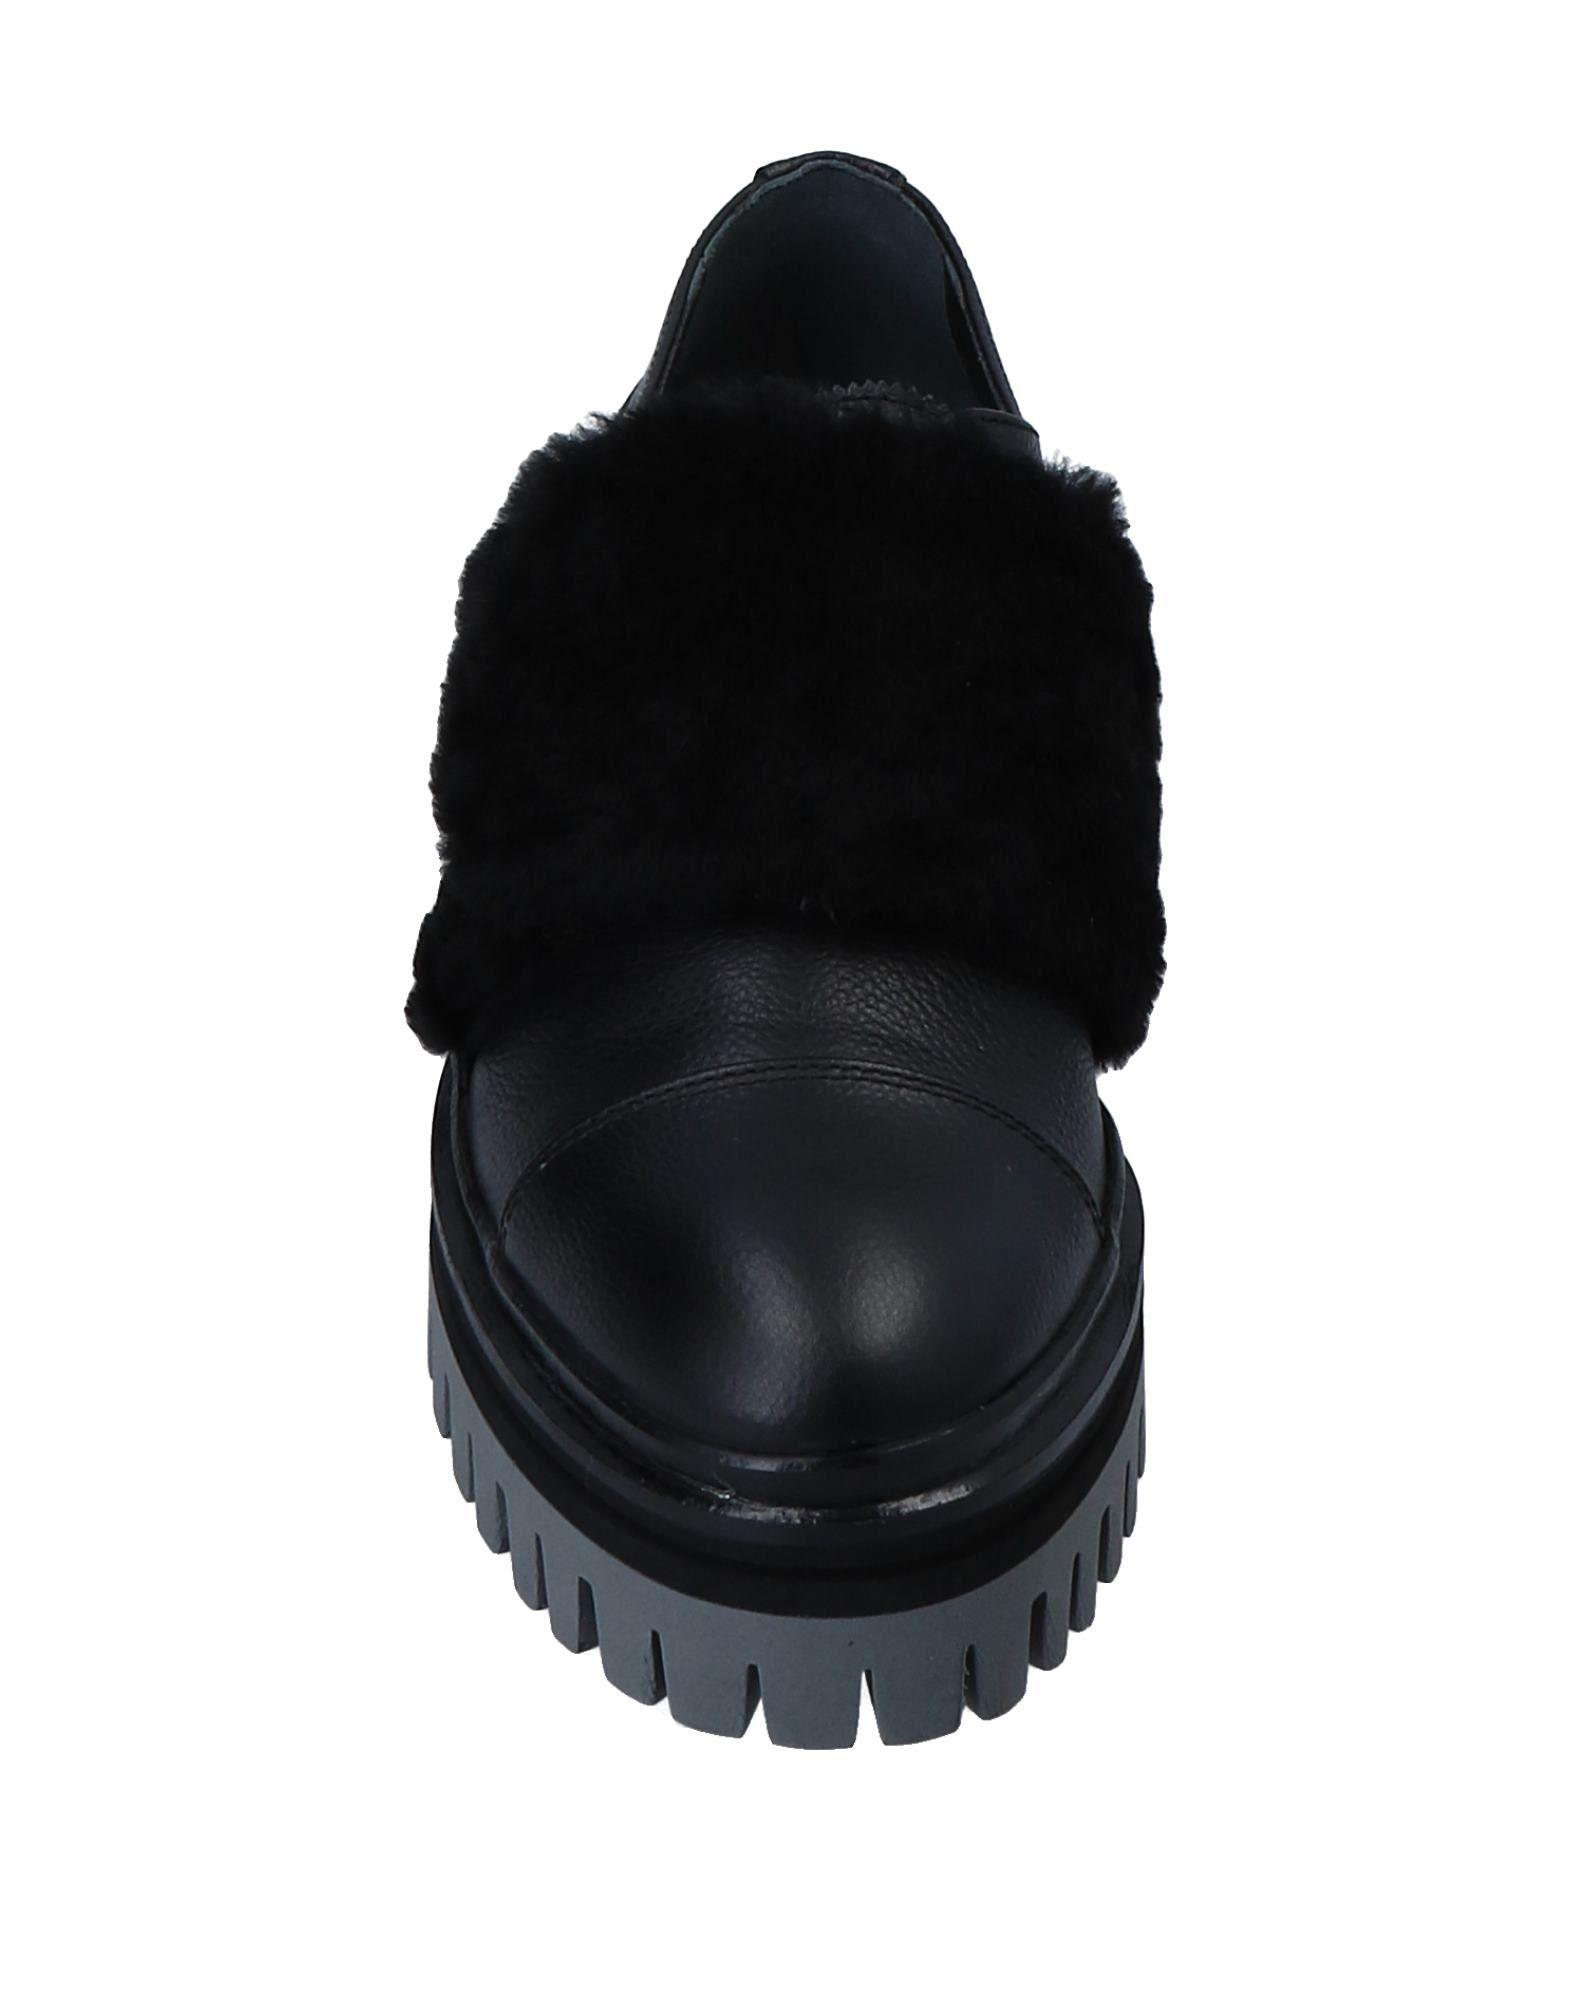 Alberto Guardiani Mokassins strapazierfähige Damen  11560936FHGut aussehende strapazierfähige Mokassins Schuhe 378a21